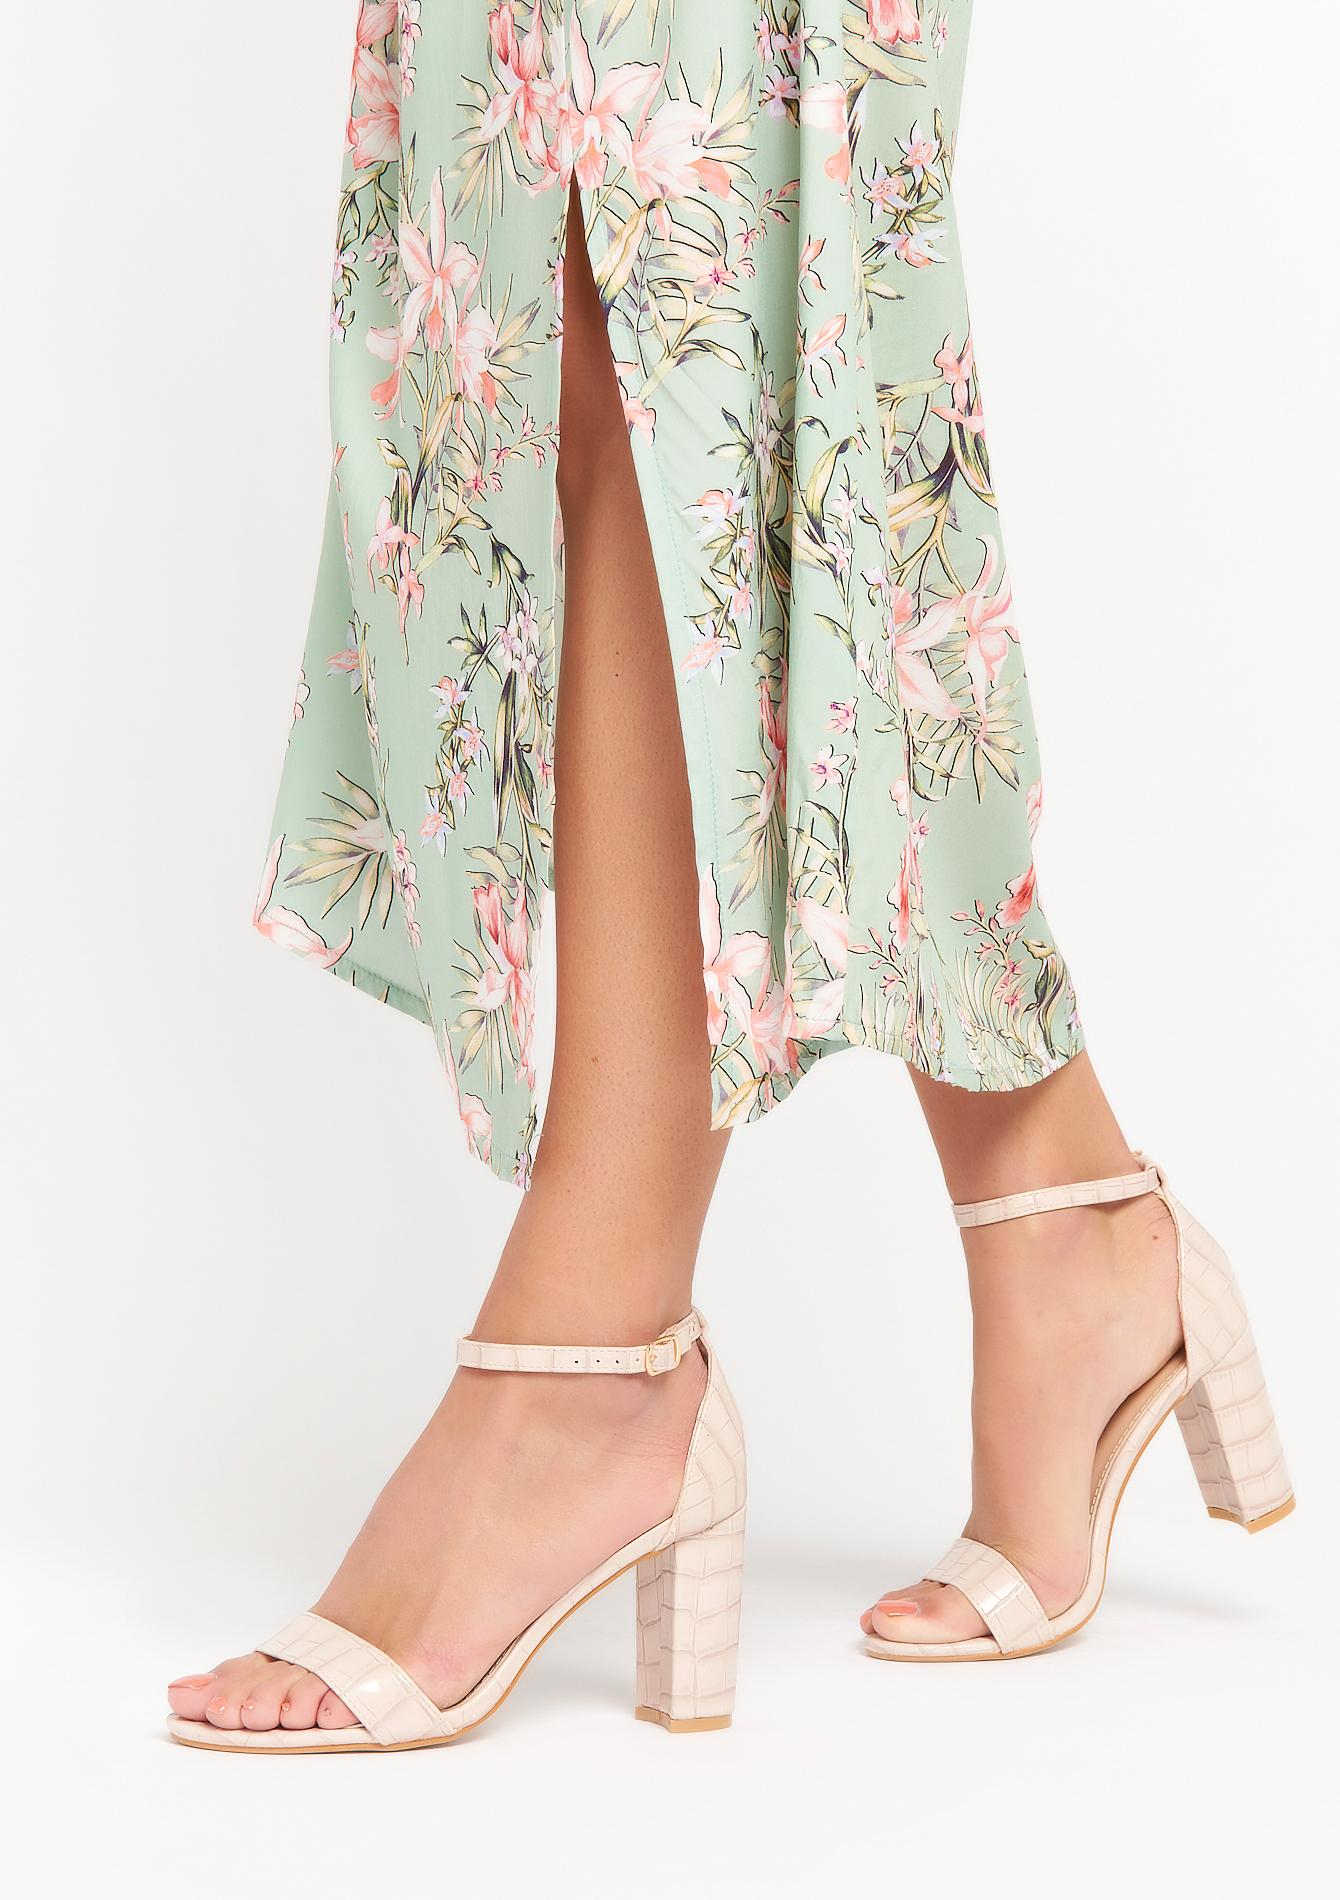 Sandales à talon haut carré en croco